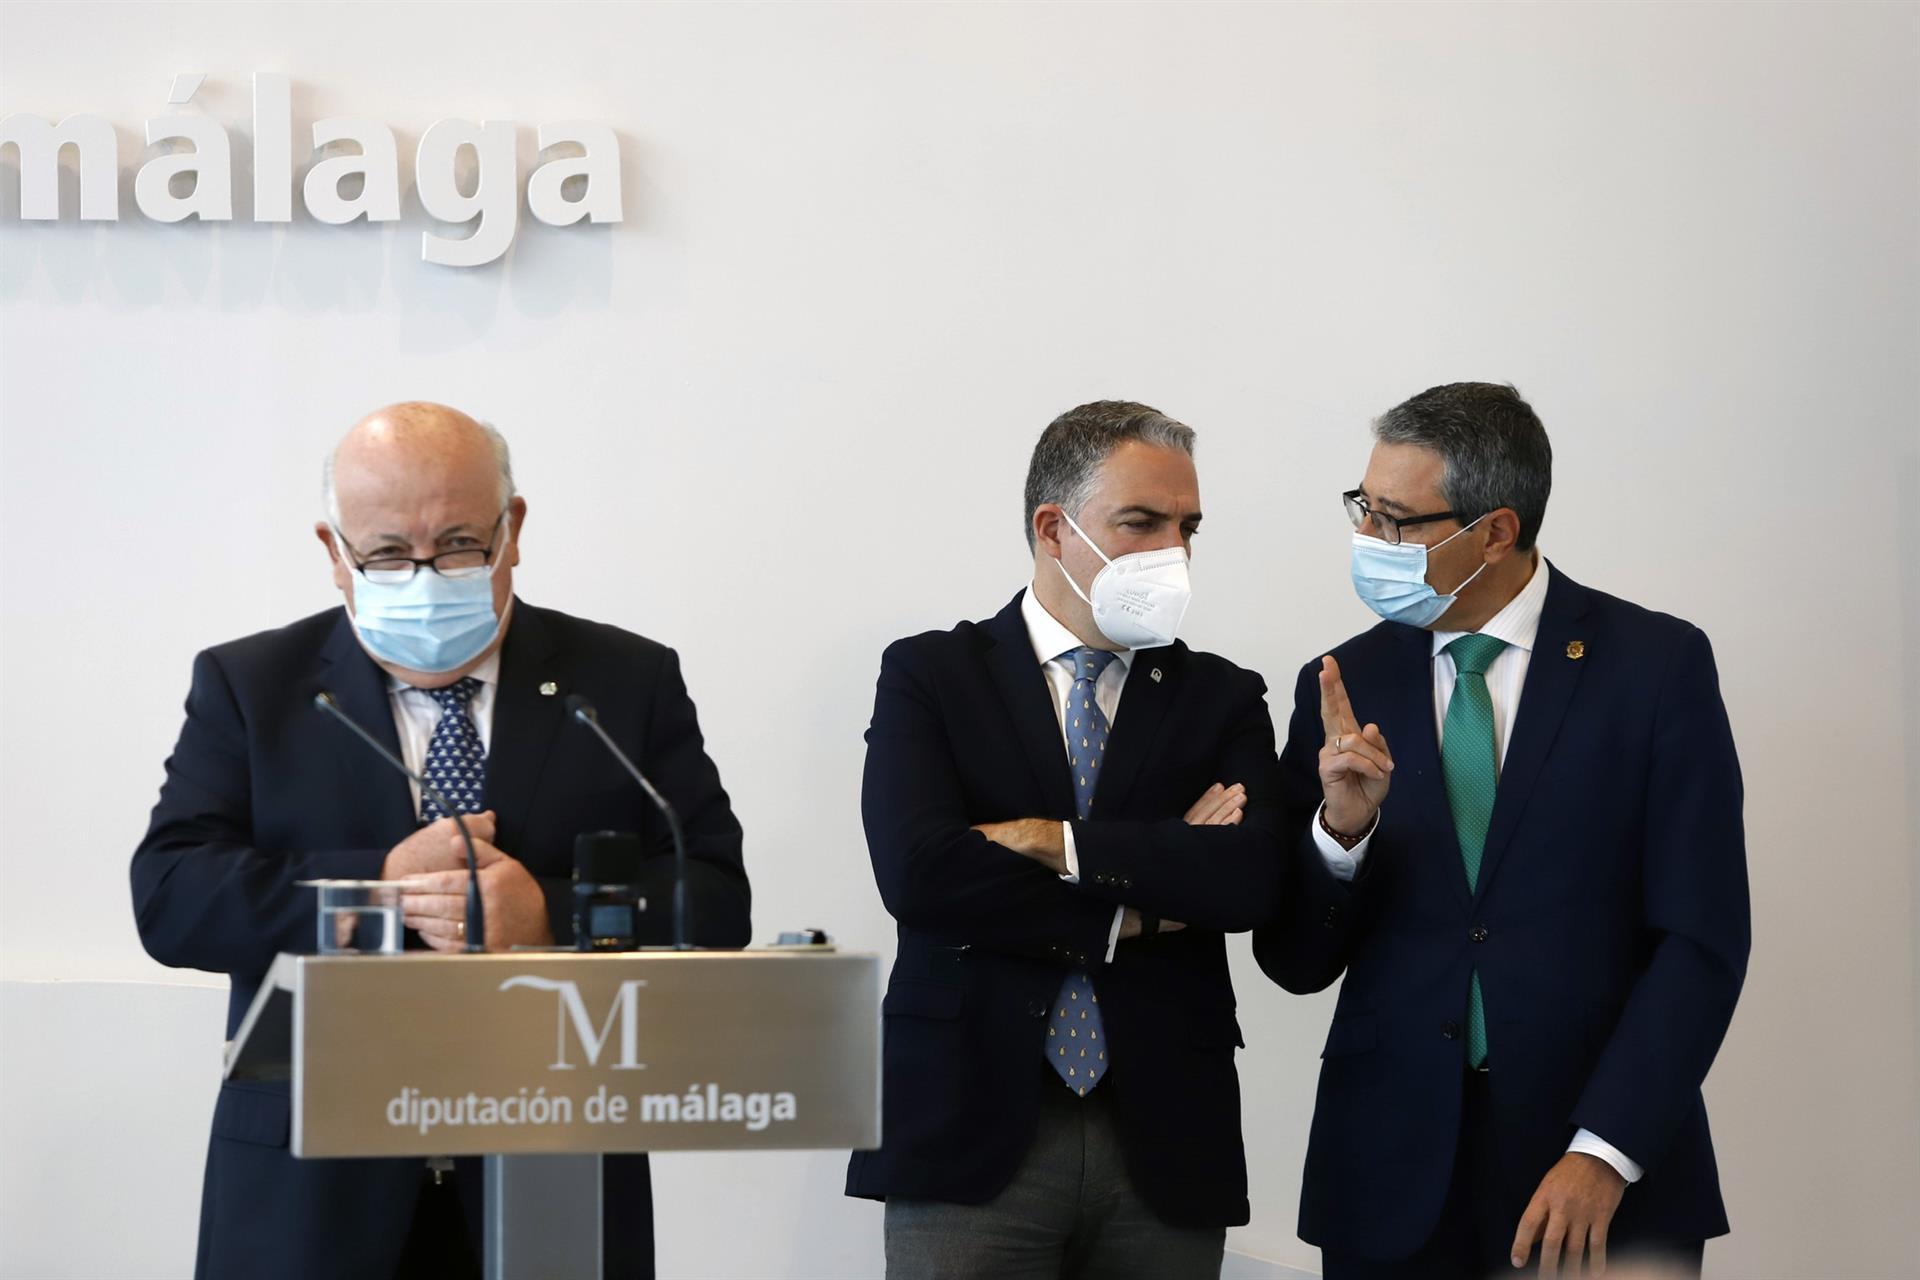 Los consejeros Elías Bendodo, Jesús Aguirre y el presidente de la Diputación de Málaga, Francisco Salado – EP ÁLEX ZEA